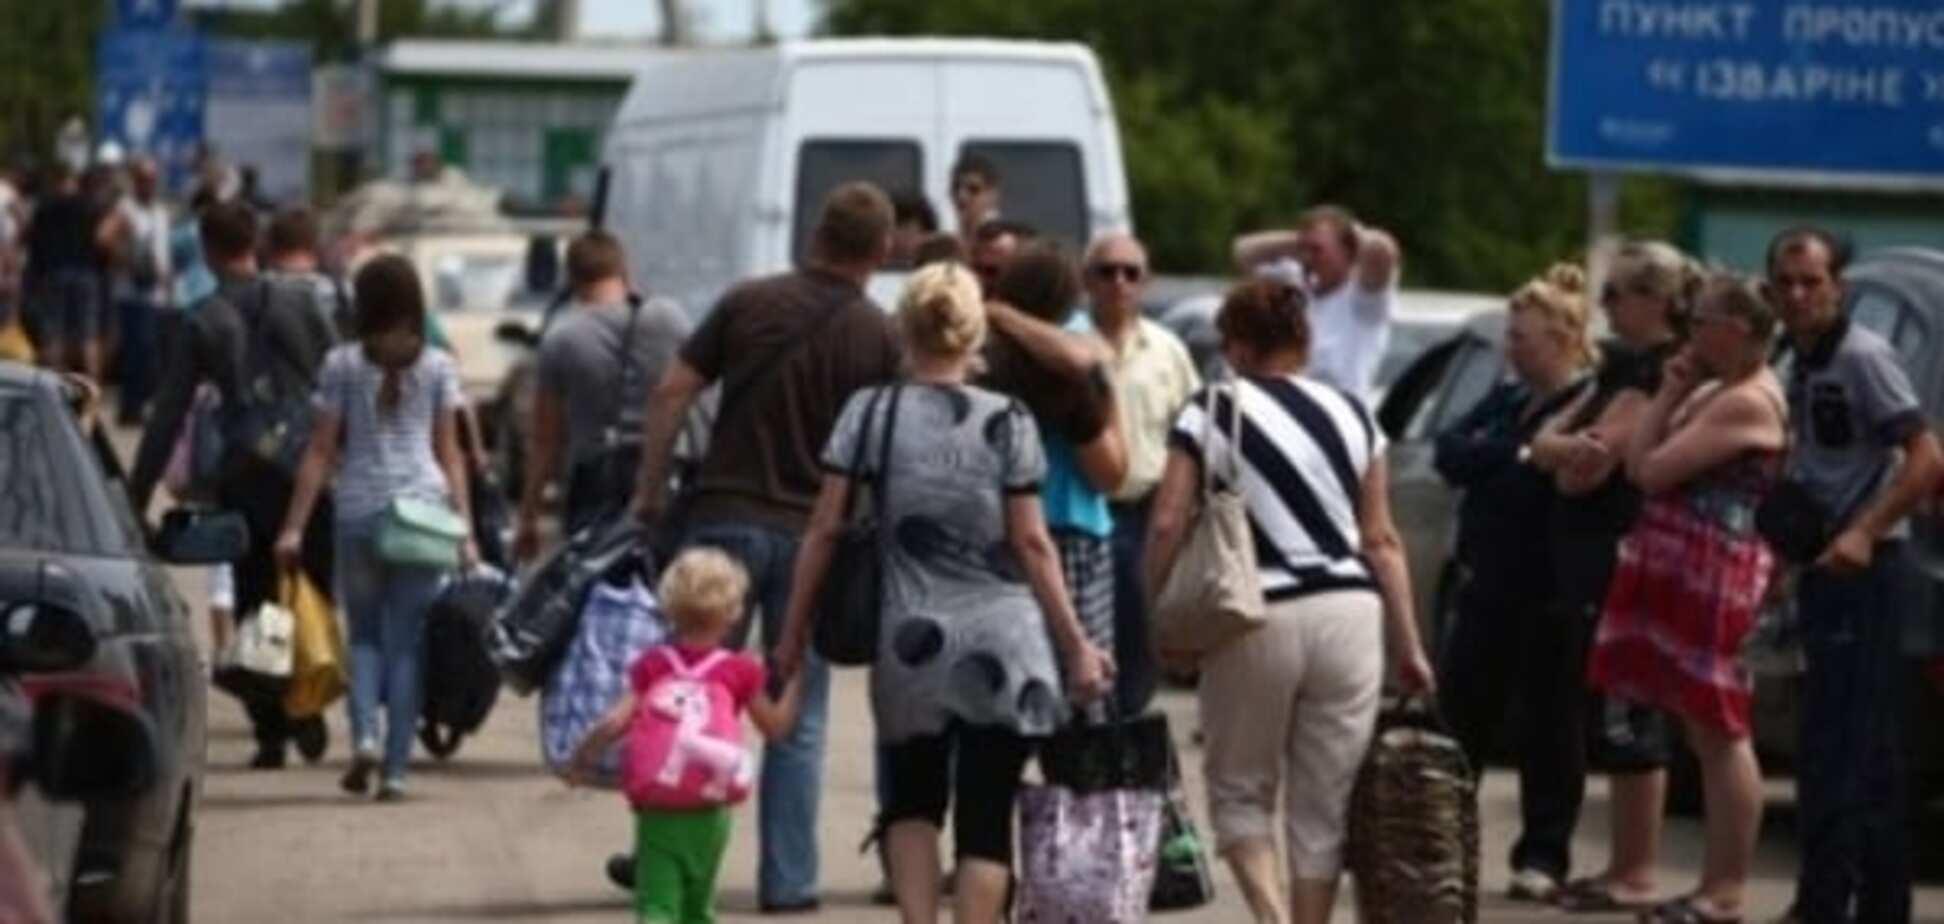 Кількість переселенців в Україні наблизилася до 1 млн осіб - ДСНС